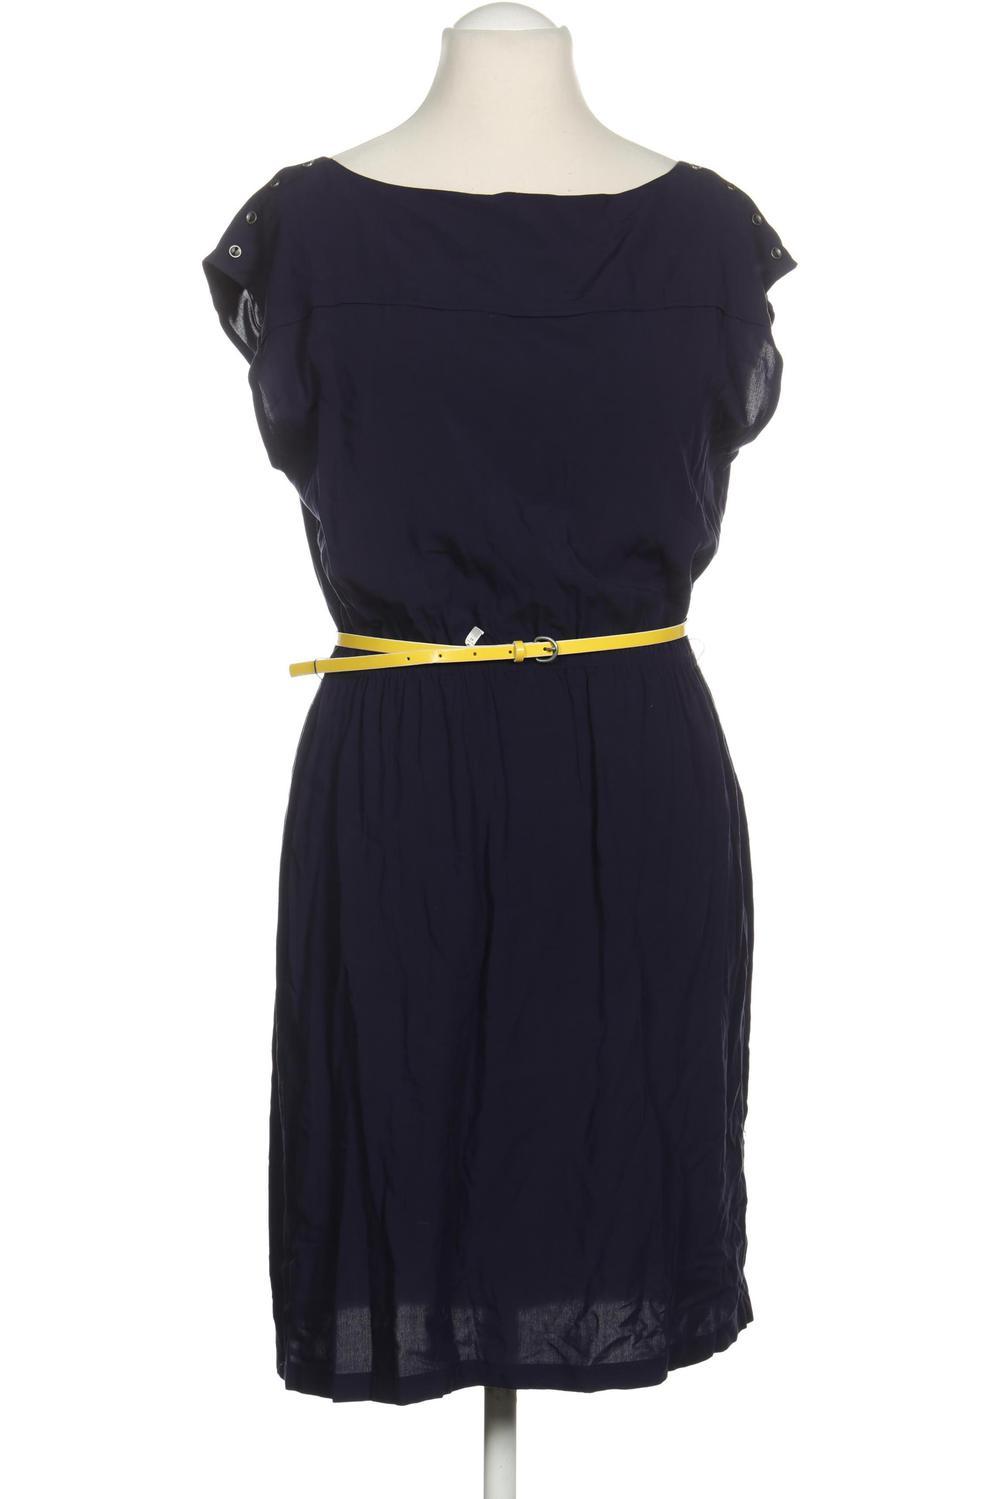 Esprit Kleid Damen Dress Damenkleid Gr. DE 15 Kunstleder, Viskose